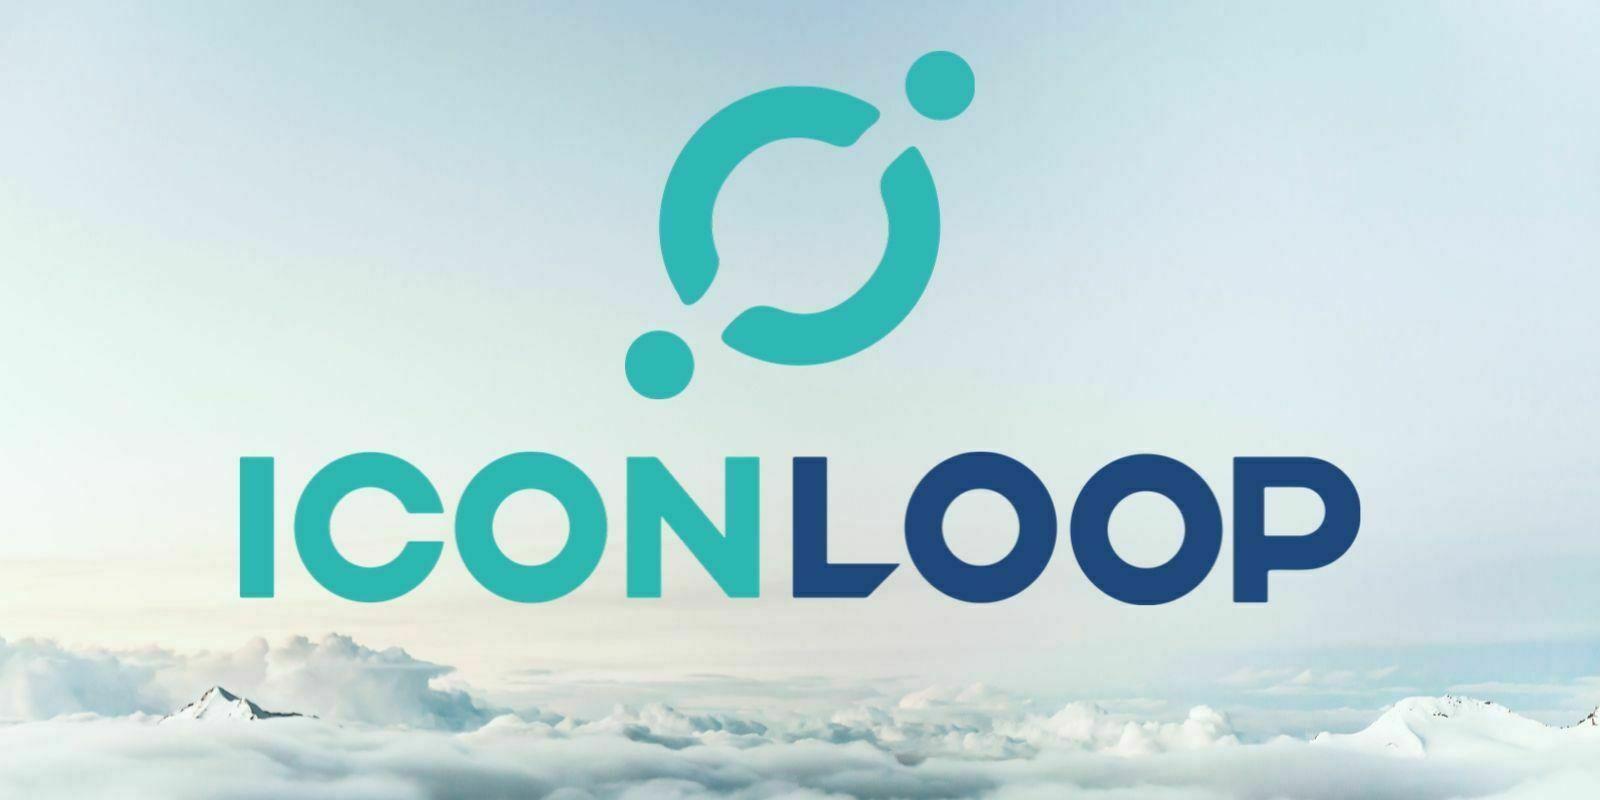 La startup blockchain ICONLOOP lève 8,3 millions de dollars pour son système d'authentification d'identité